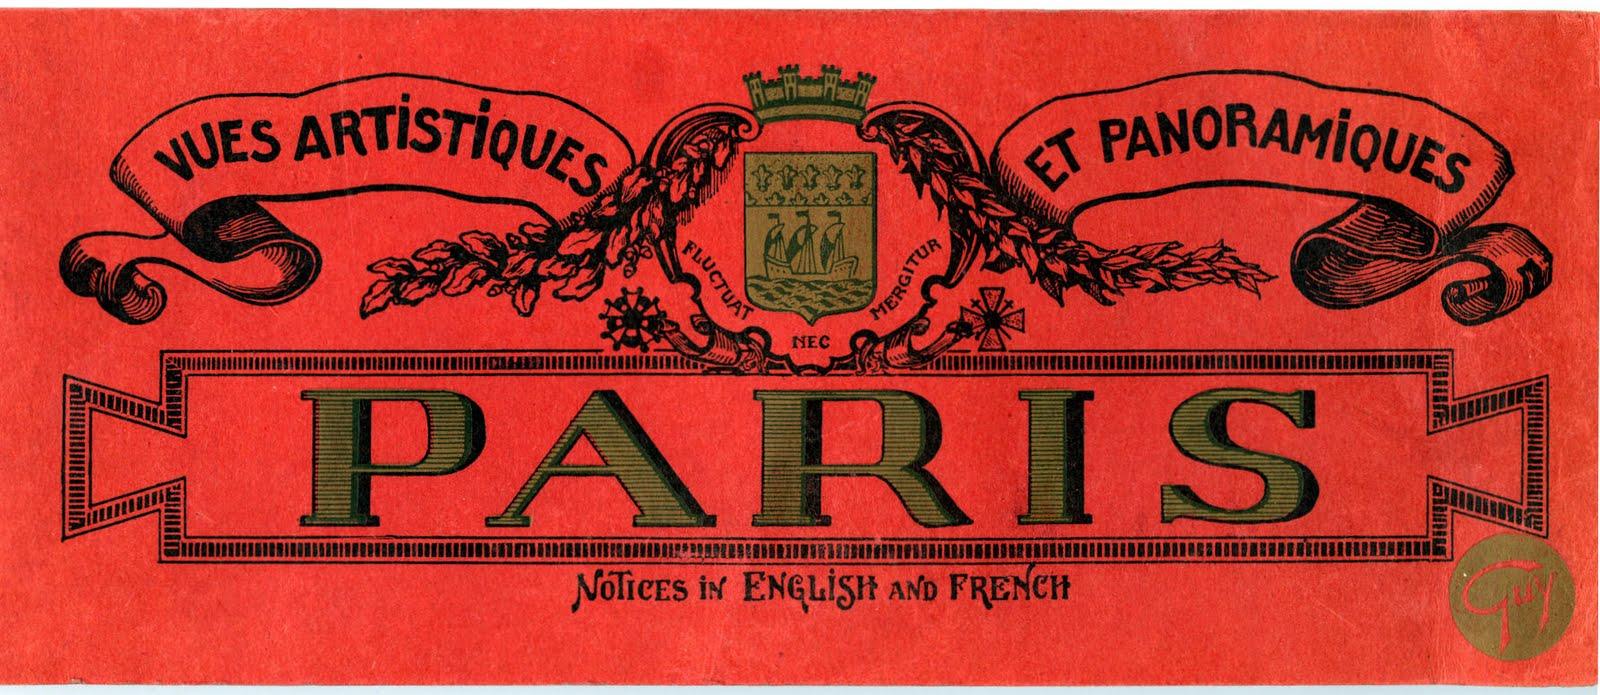 Free Vintage Clip Art - Paris Label